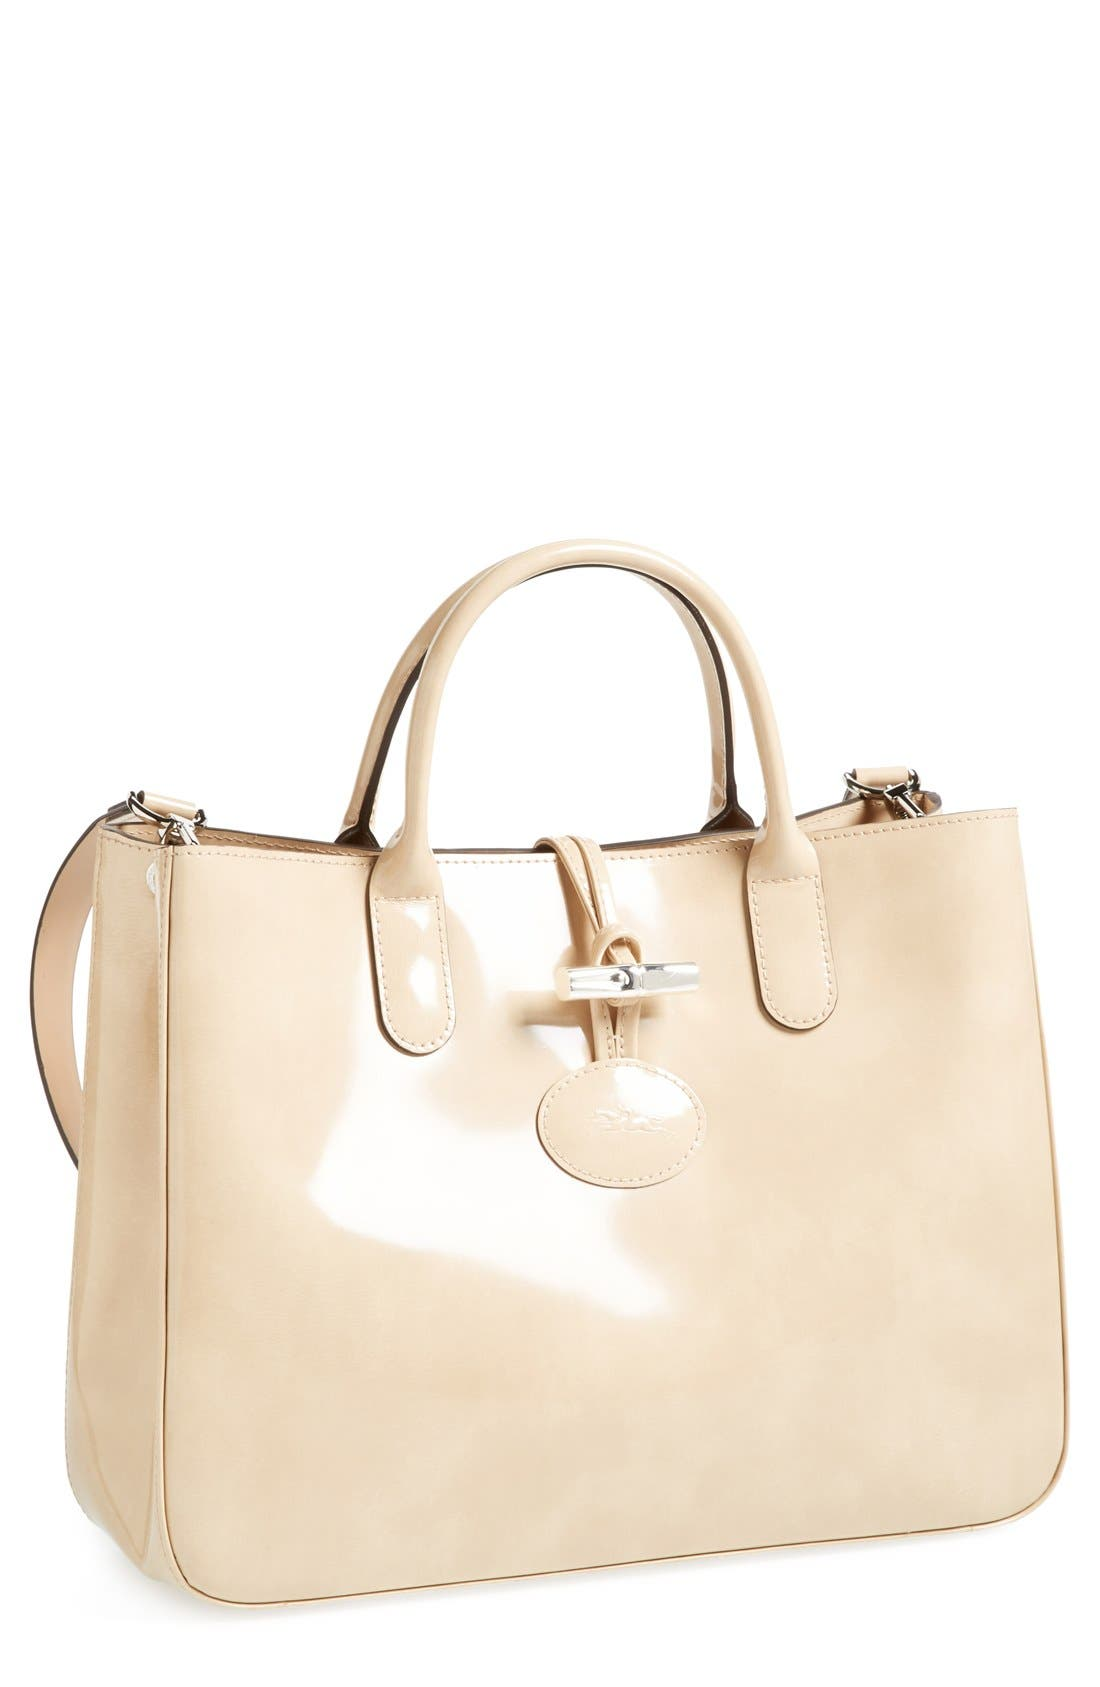 Main Image - Longchamp 'Medium Roseau Box' Tote